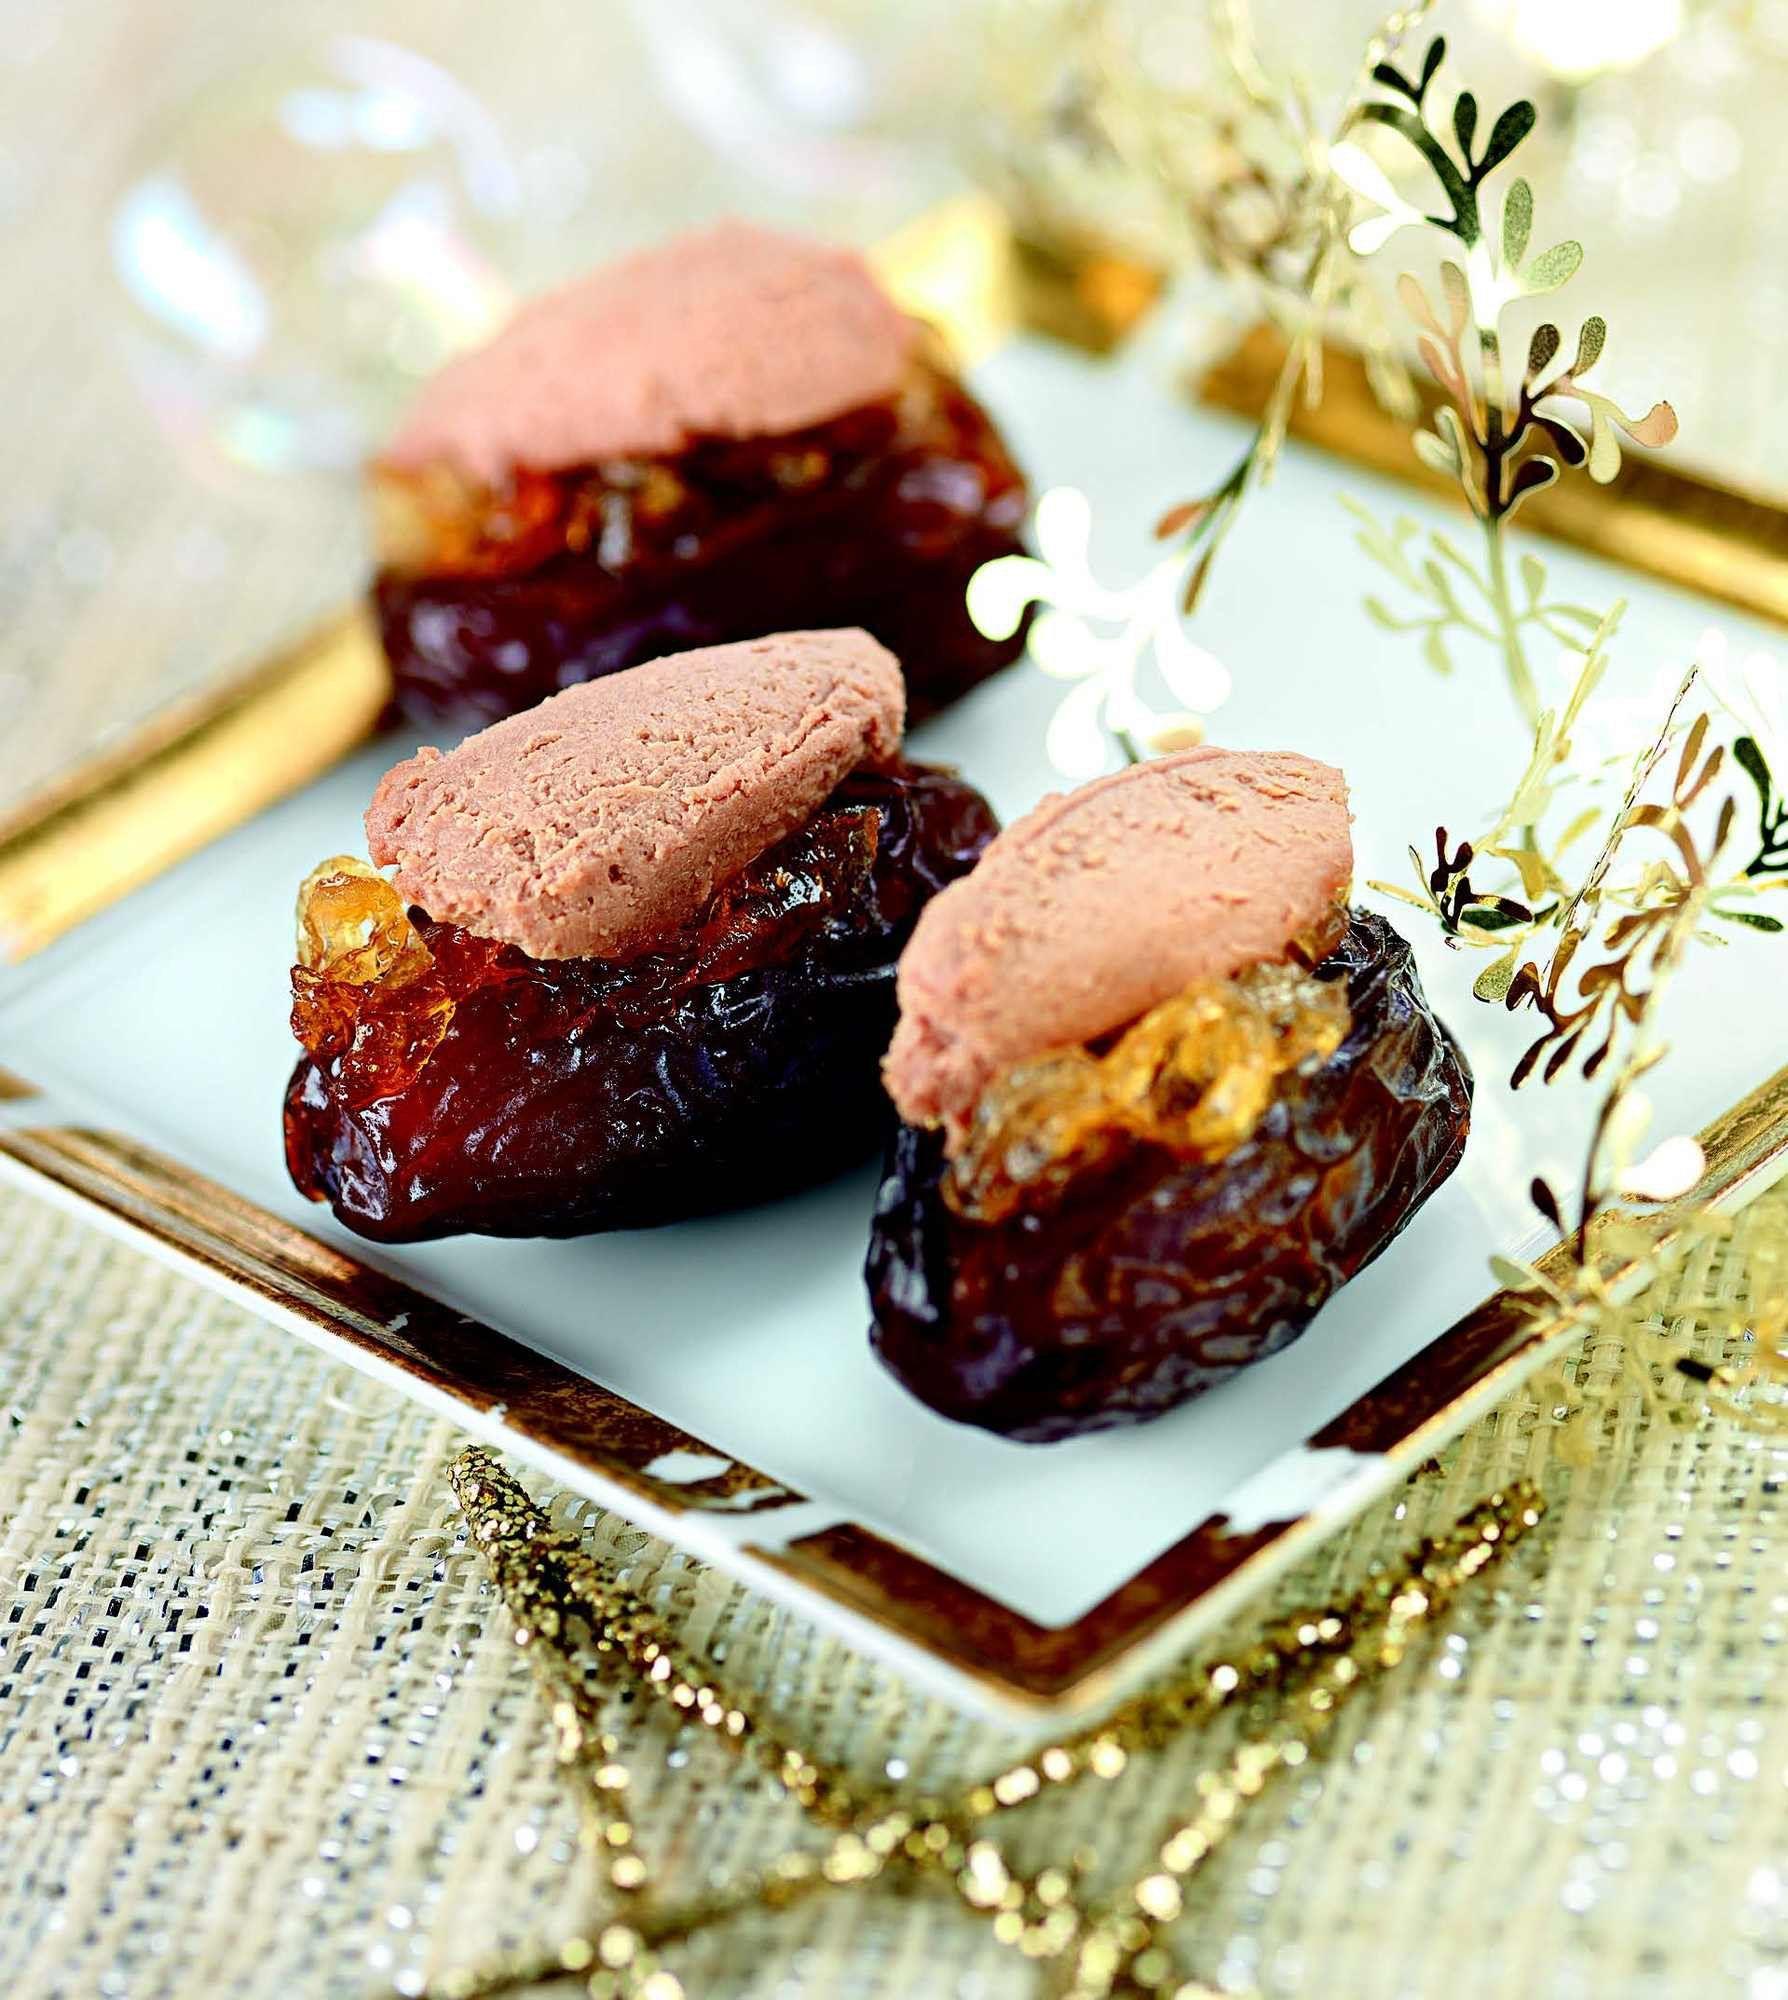 Dattes farcies au foie gras et confiture d'oignons